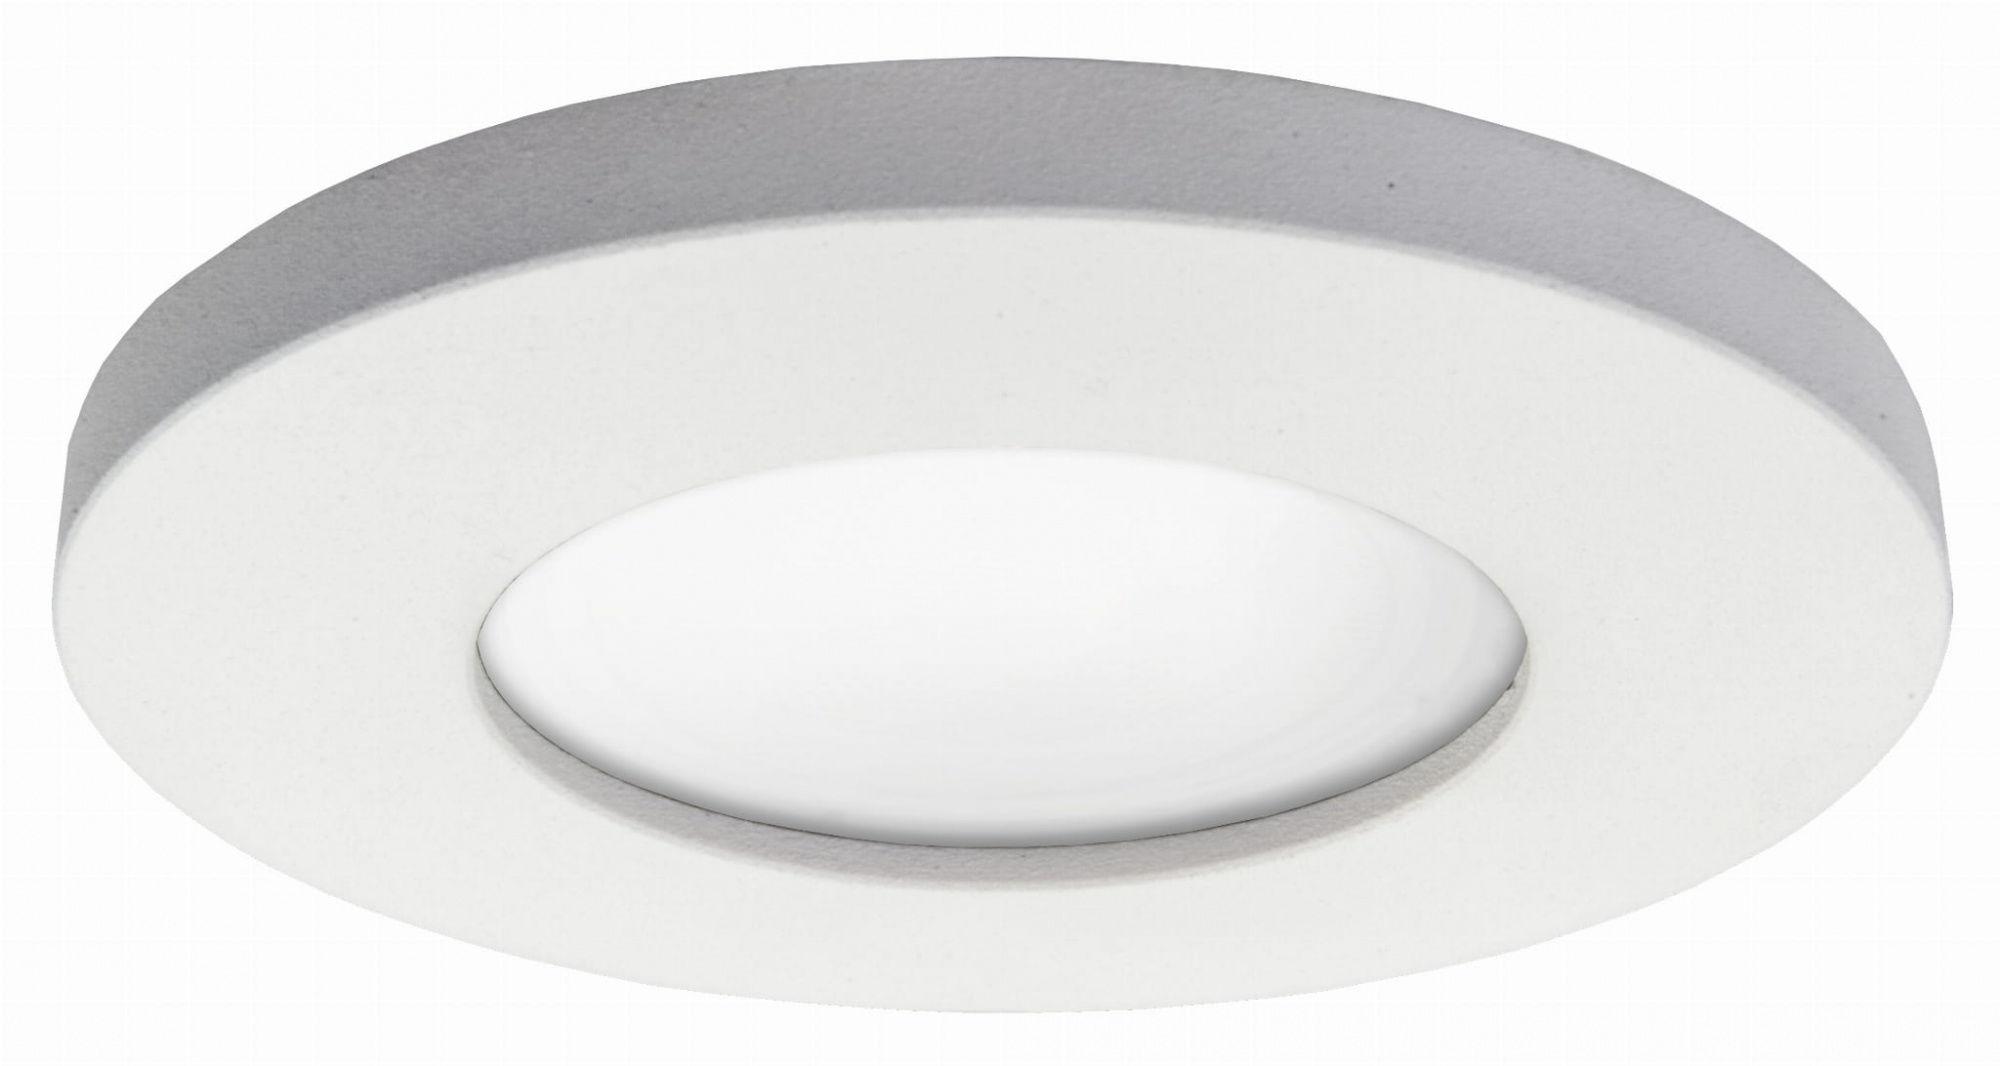 Oczko podtynkowe Lagos LP-440/1RS WH Light Prestige nieruchoma oprawa w kolorze białym